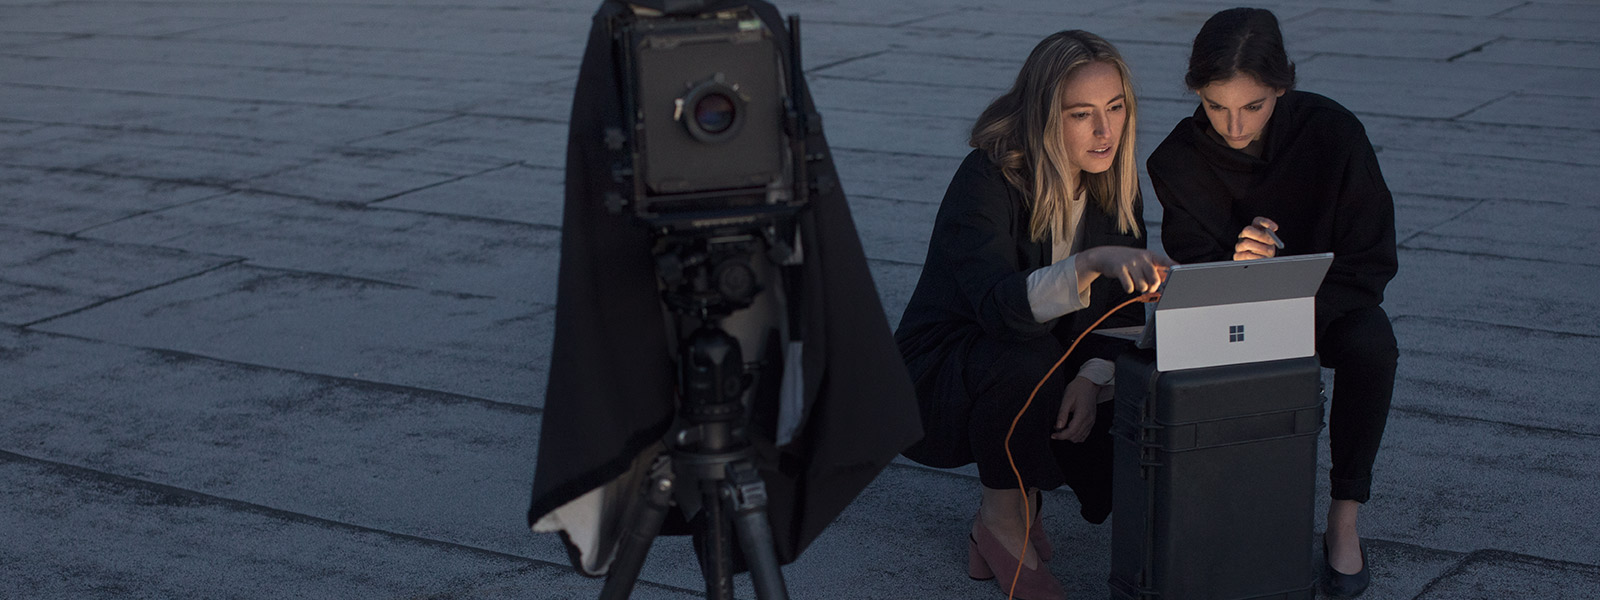 Deux vidéographes utilisant Surface Pro pour contrôler une prise de vue